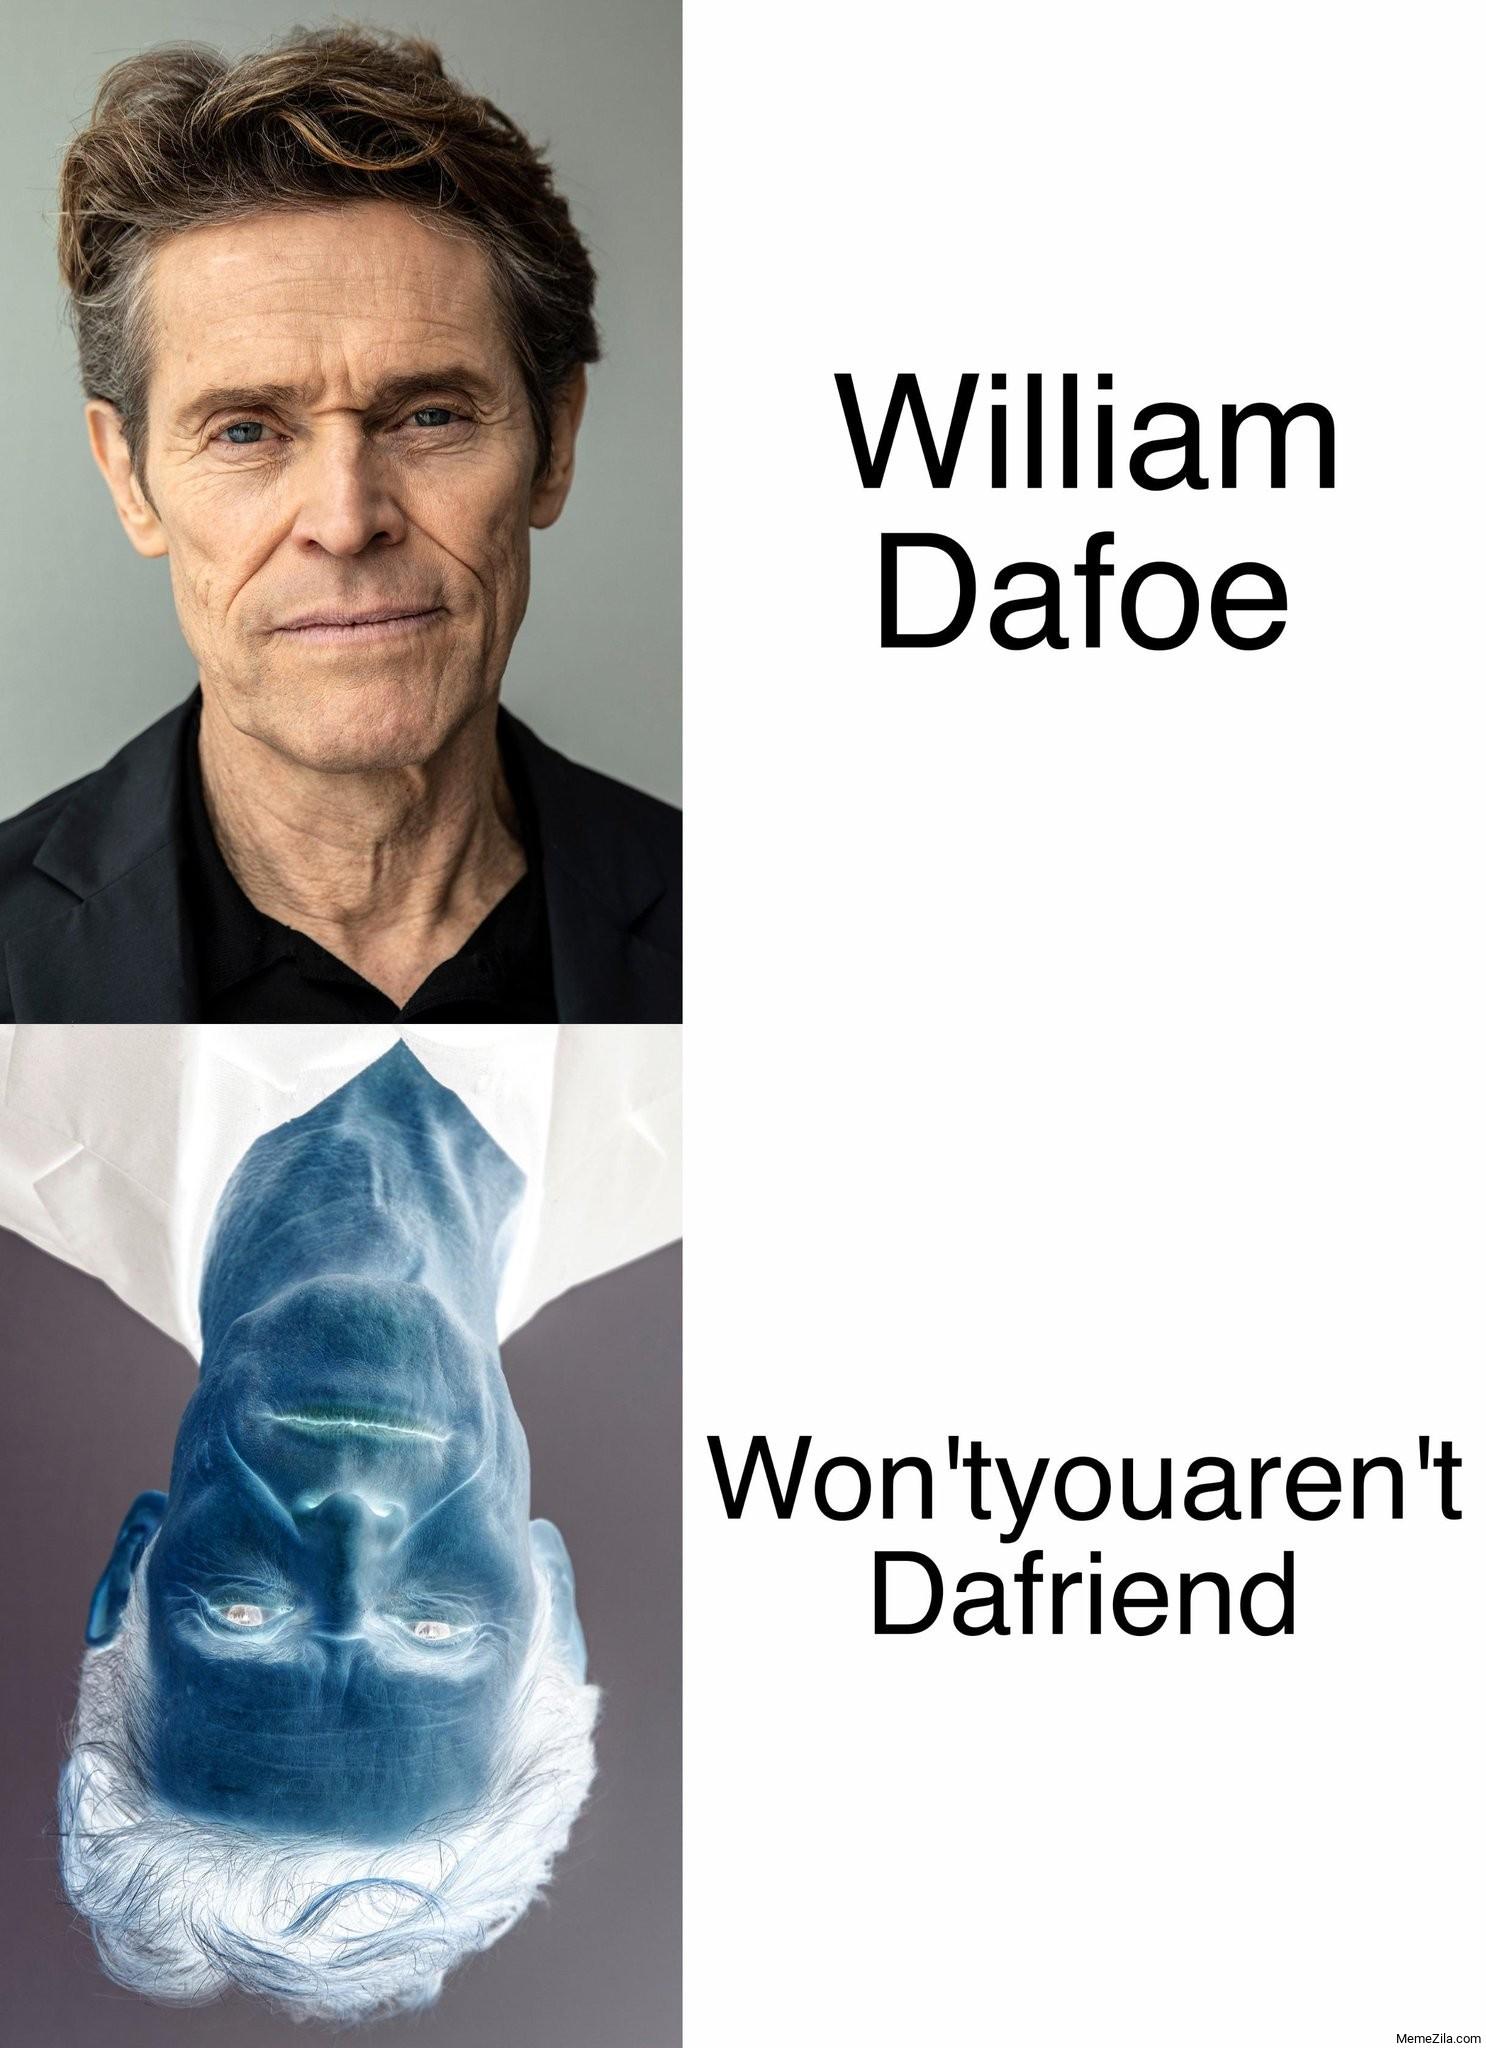 William Dafoe Won'tyouaren't Dafriend meme